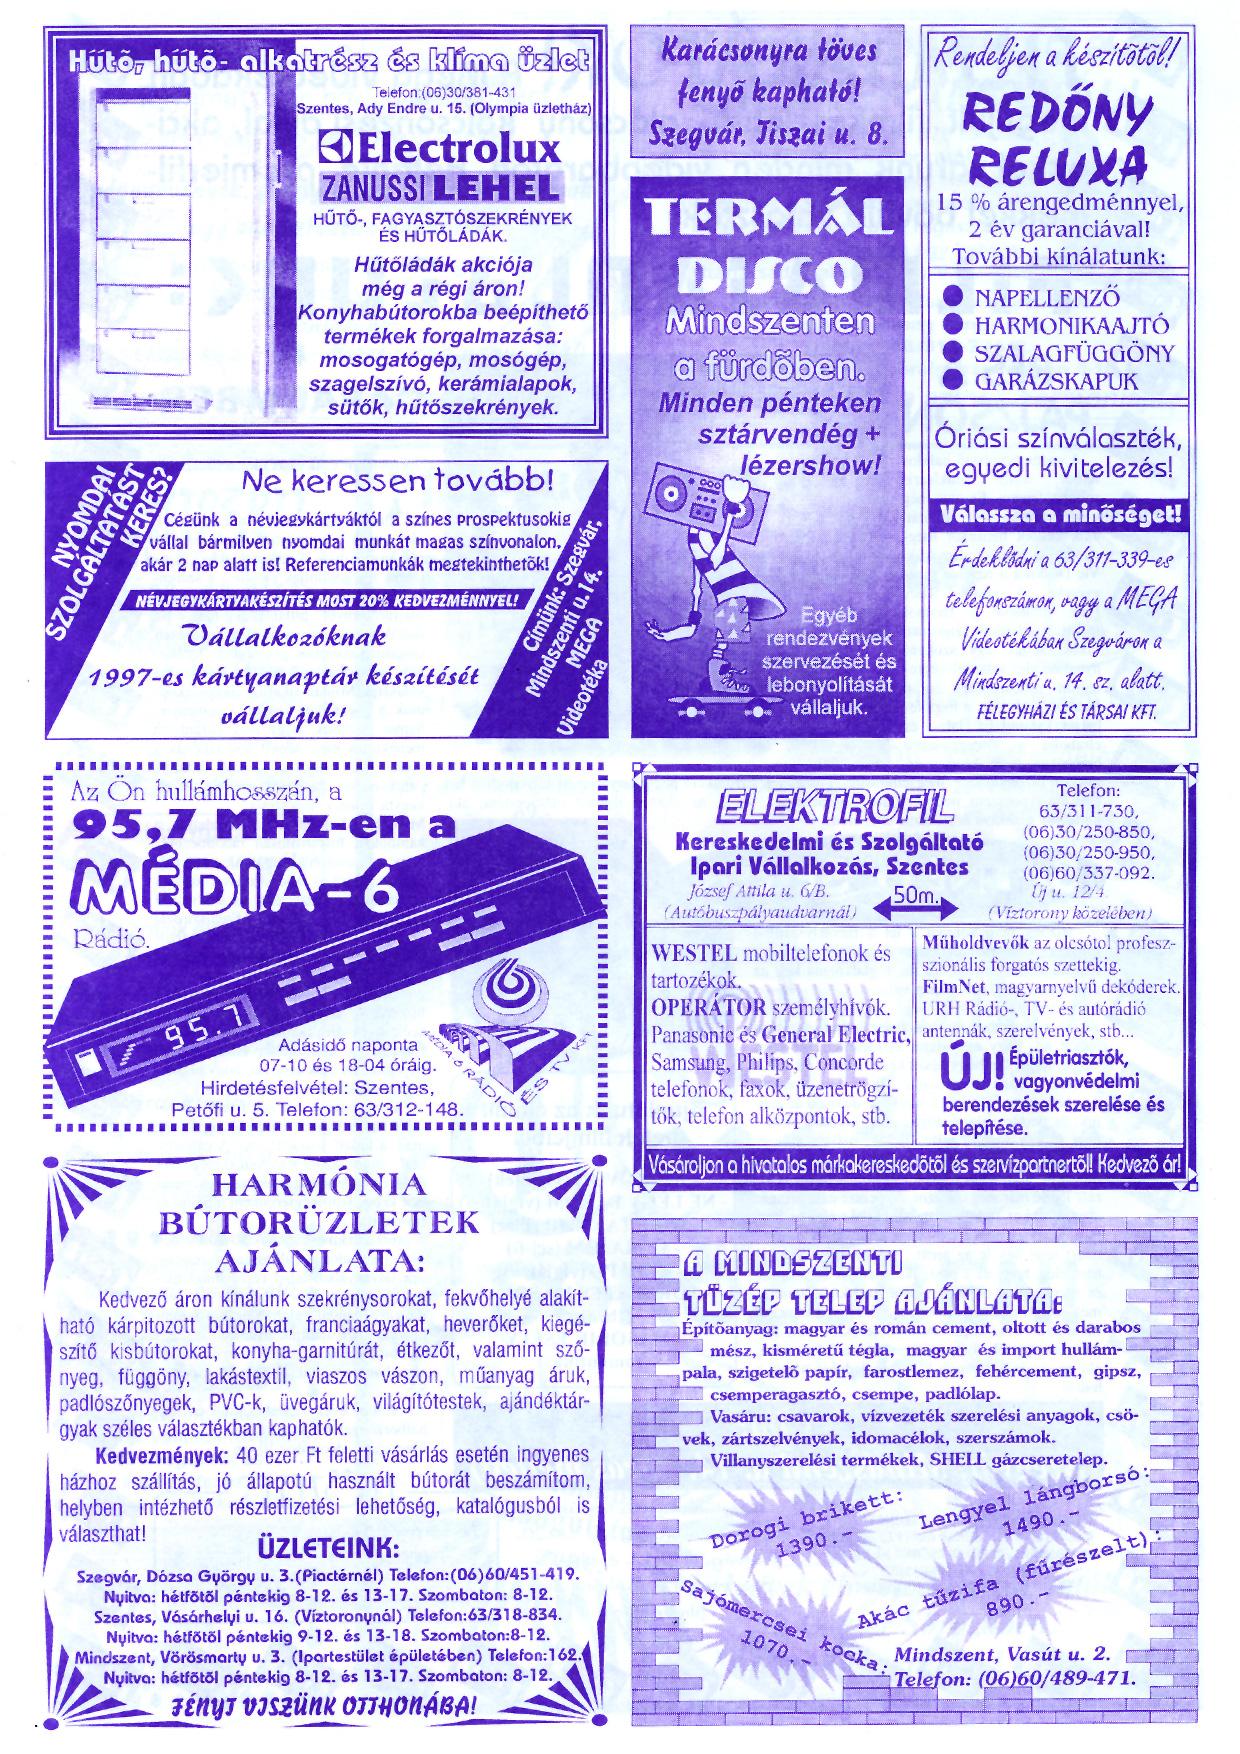 080 Szegvári Tuti Tipp reklámújság - 19961207-036. lapszám - 4.oldal - II. évfolyam.jpg